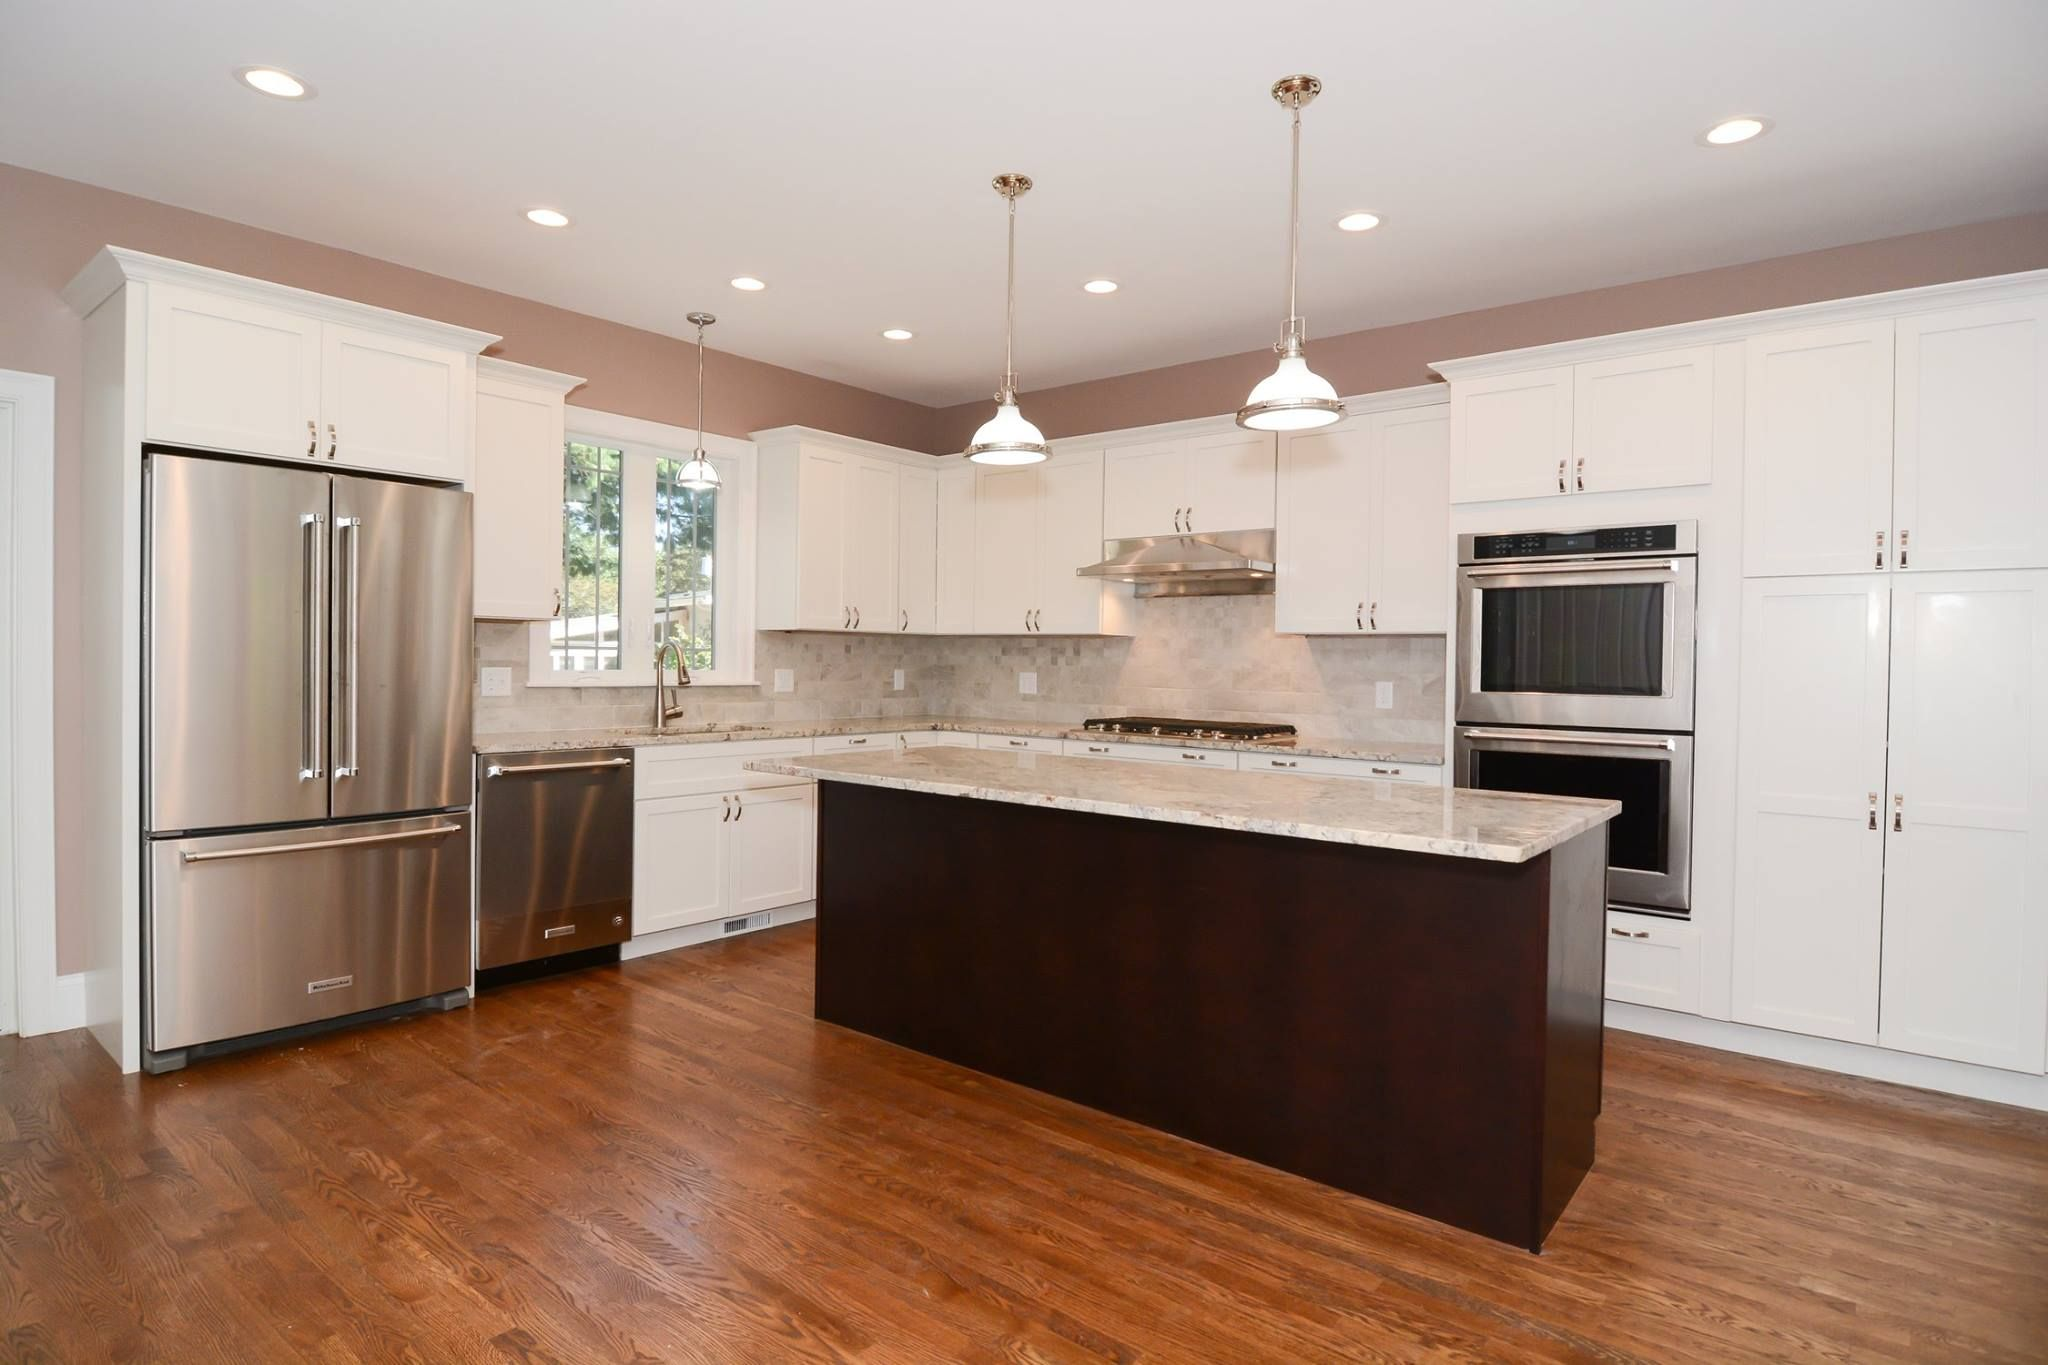 Kitchen Remodel Kitchen renovation, Kitchen remodel, Kitchen